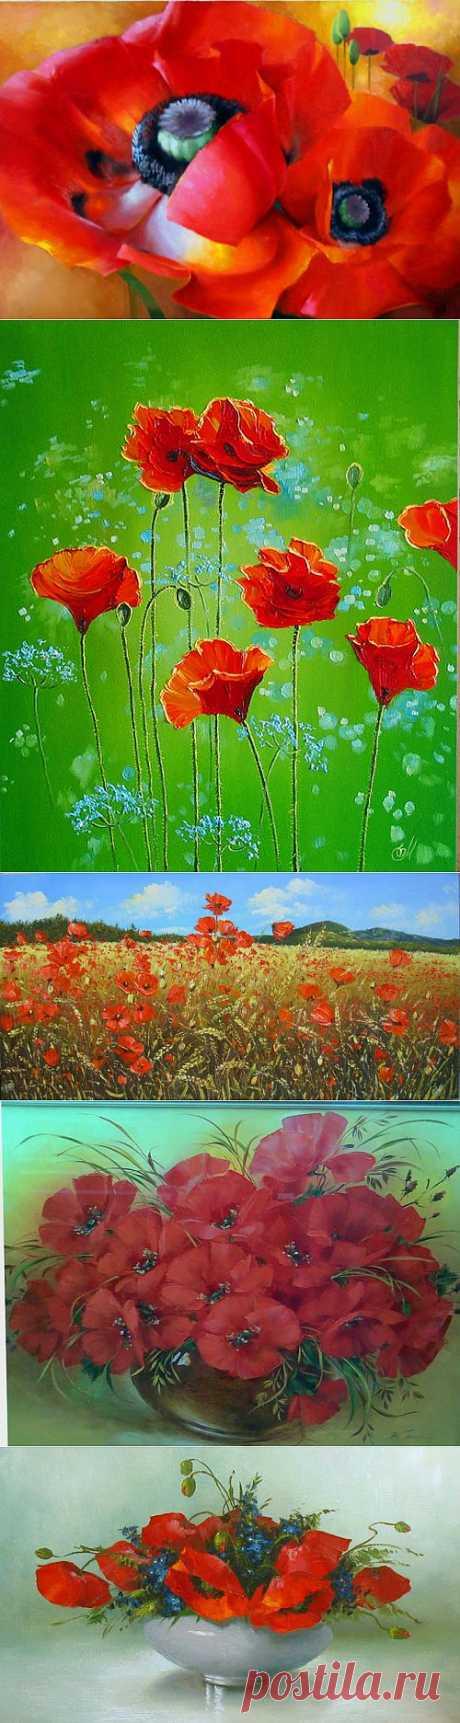 Картины современных художников. Цветы.